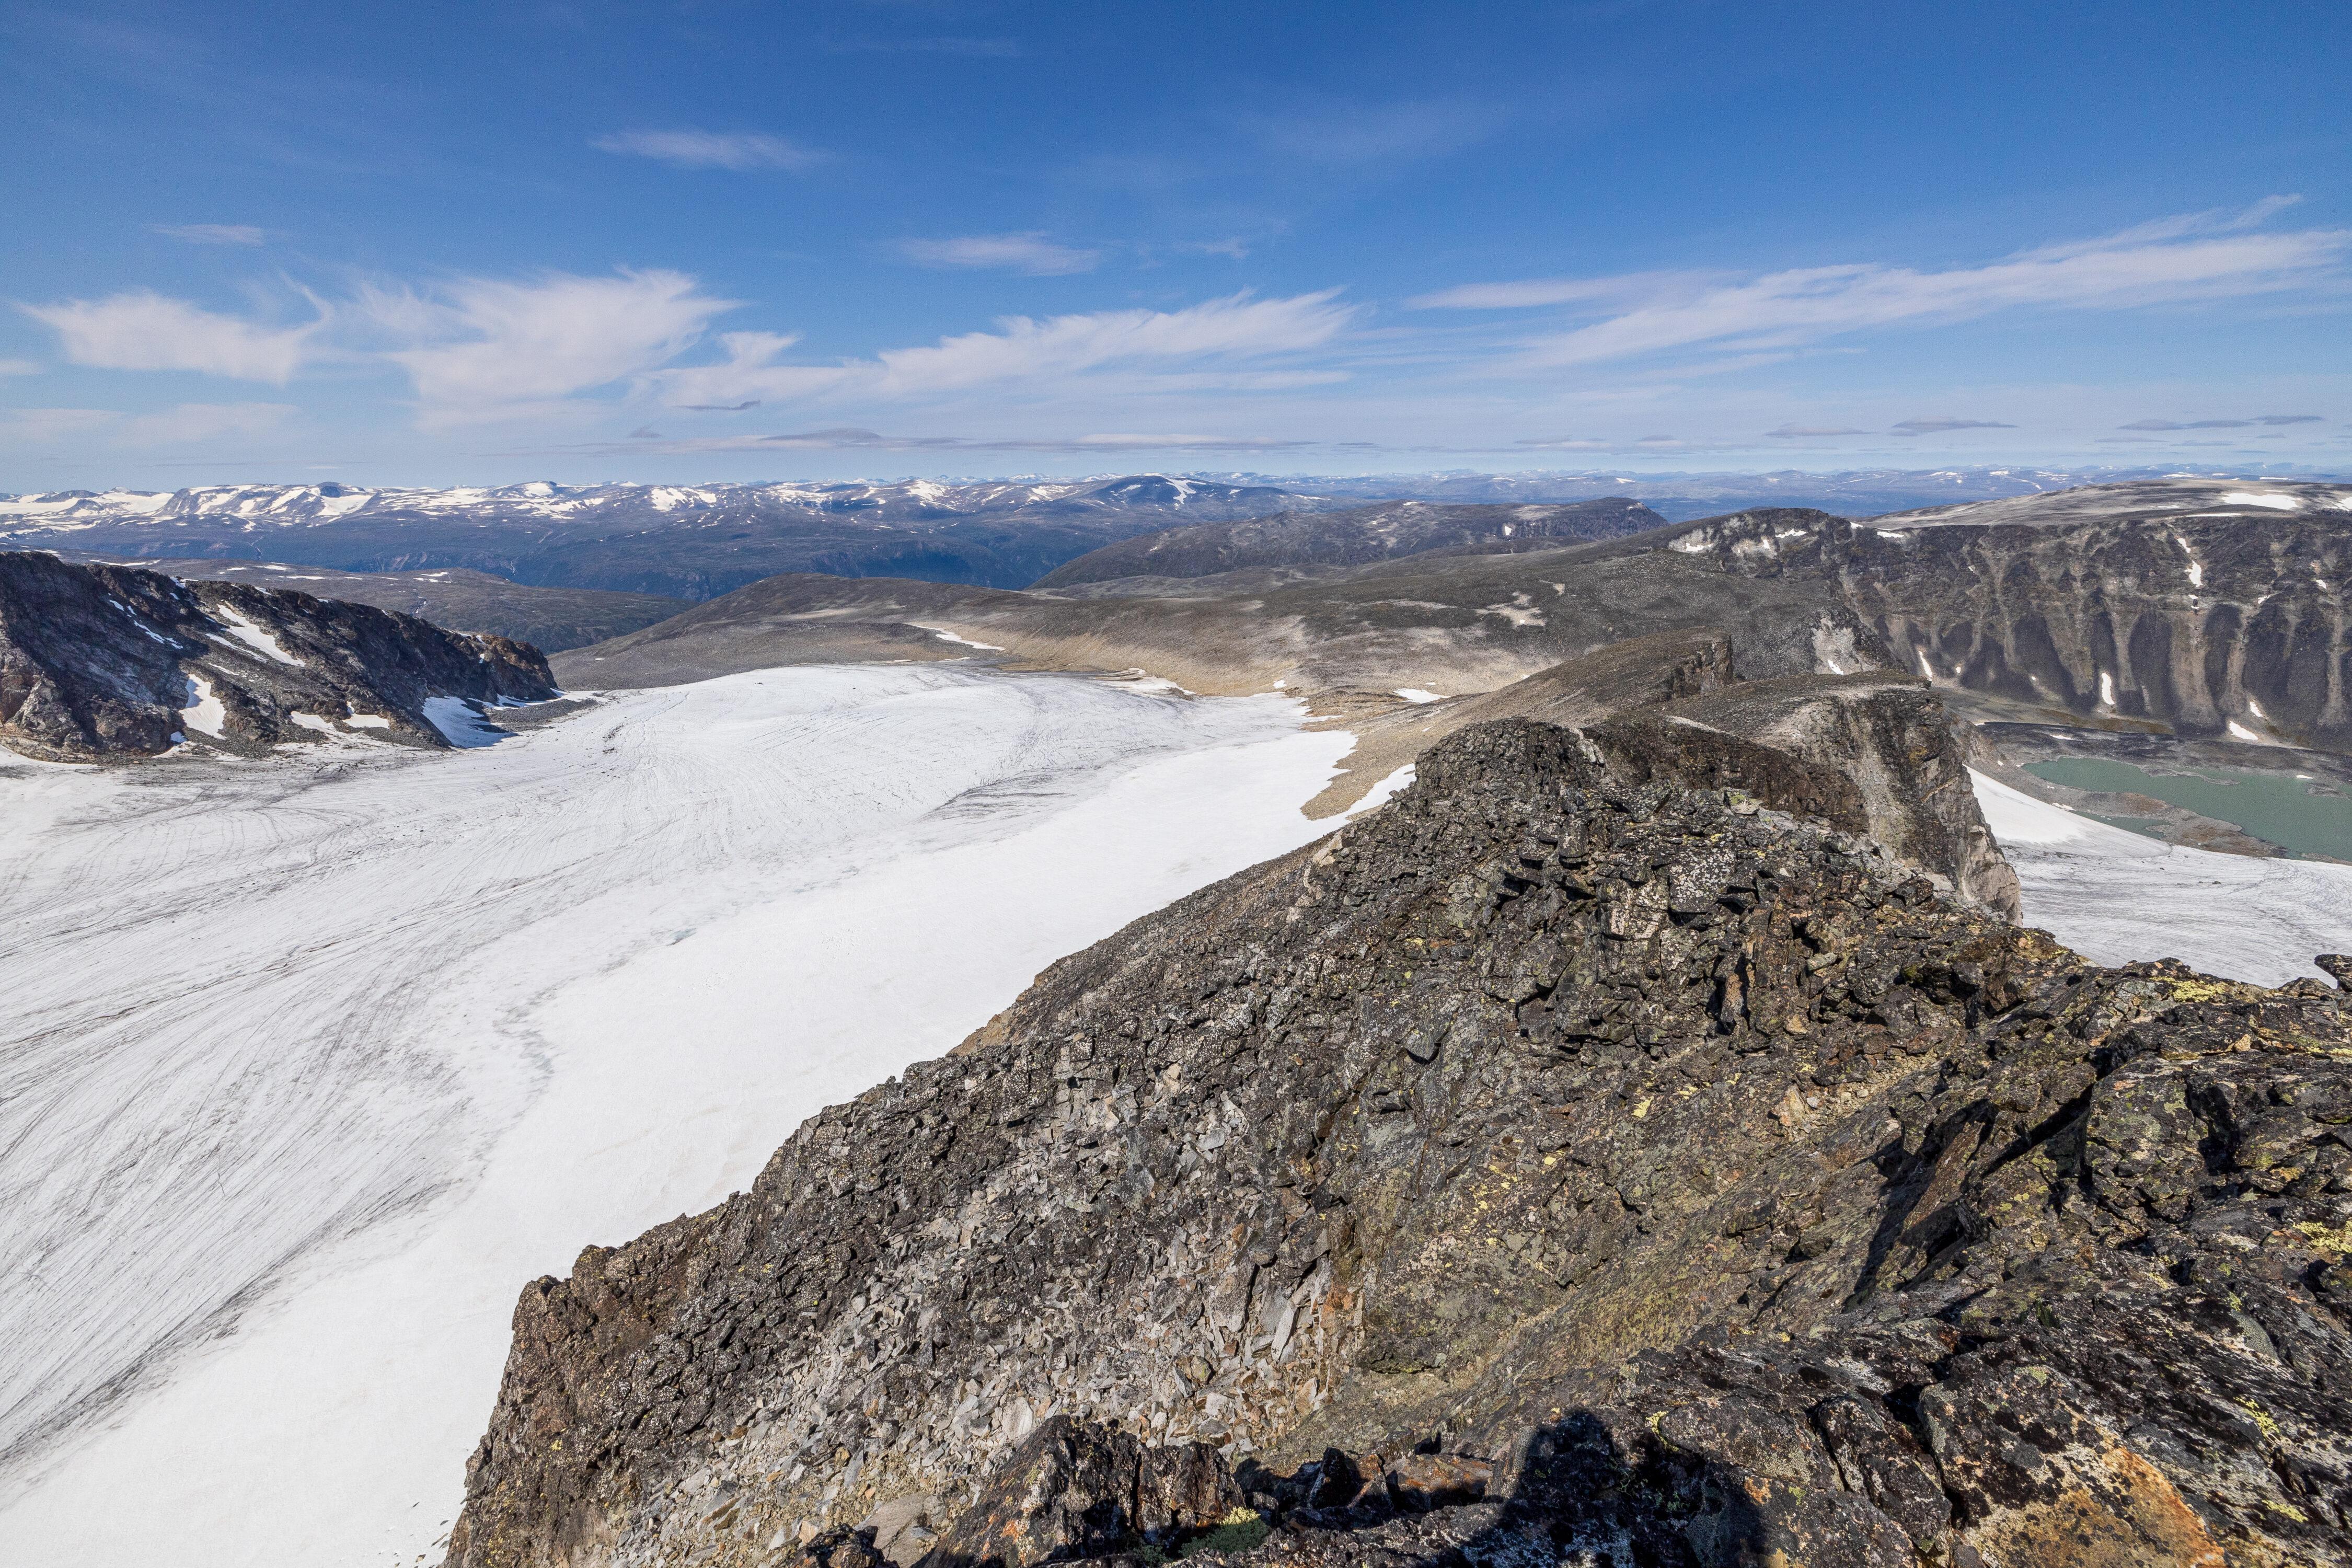 Utsikt fra toppen av Trollsteineggje over den vestlige delen av Grotbrean.